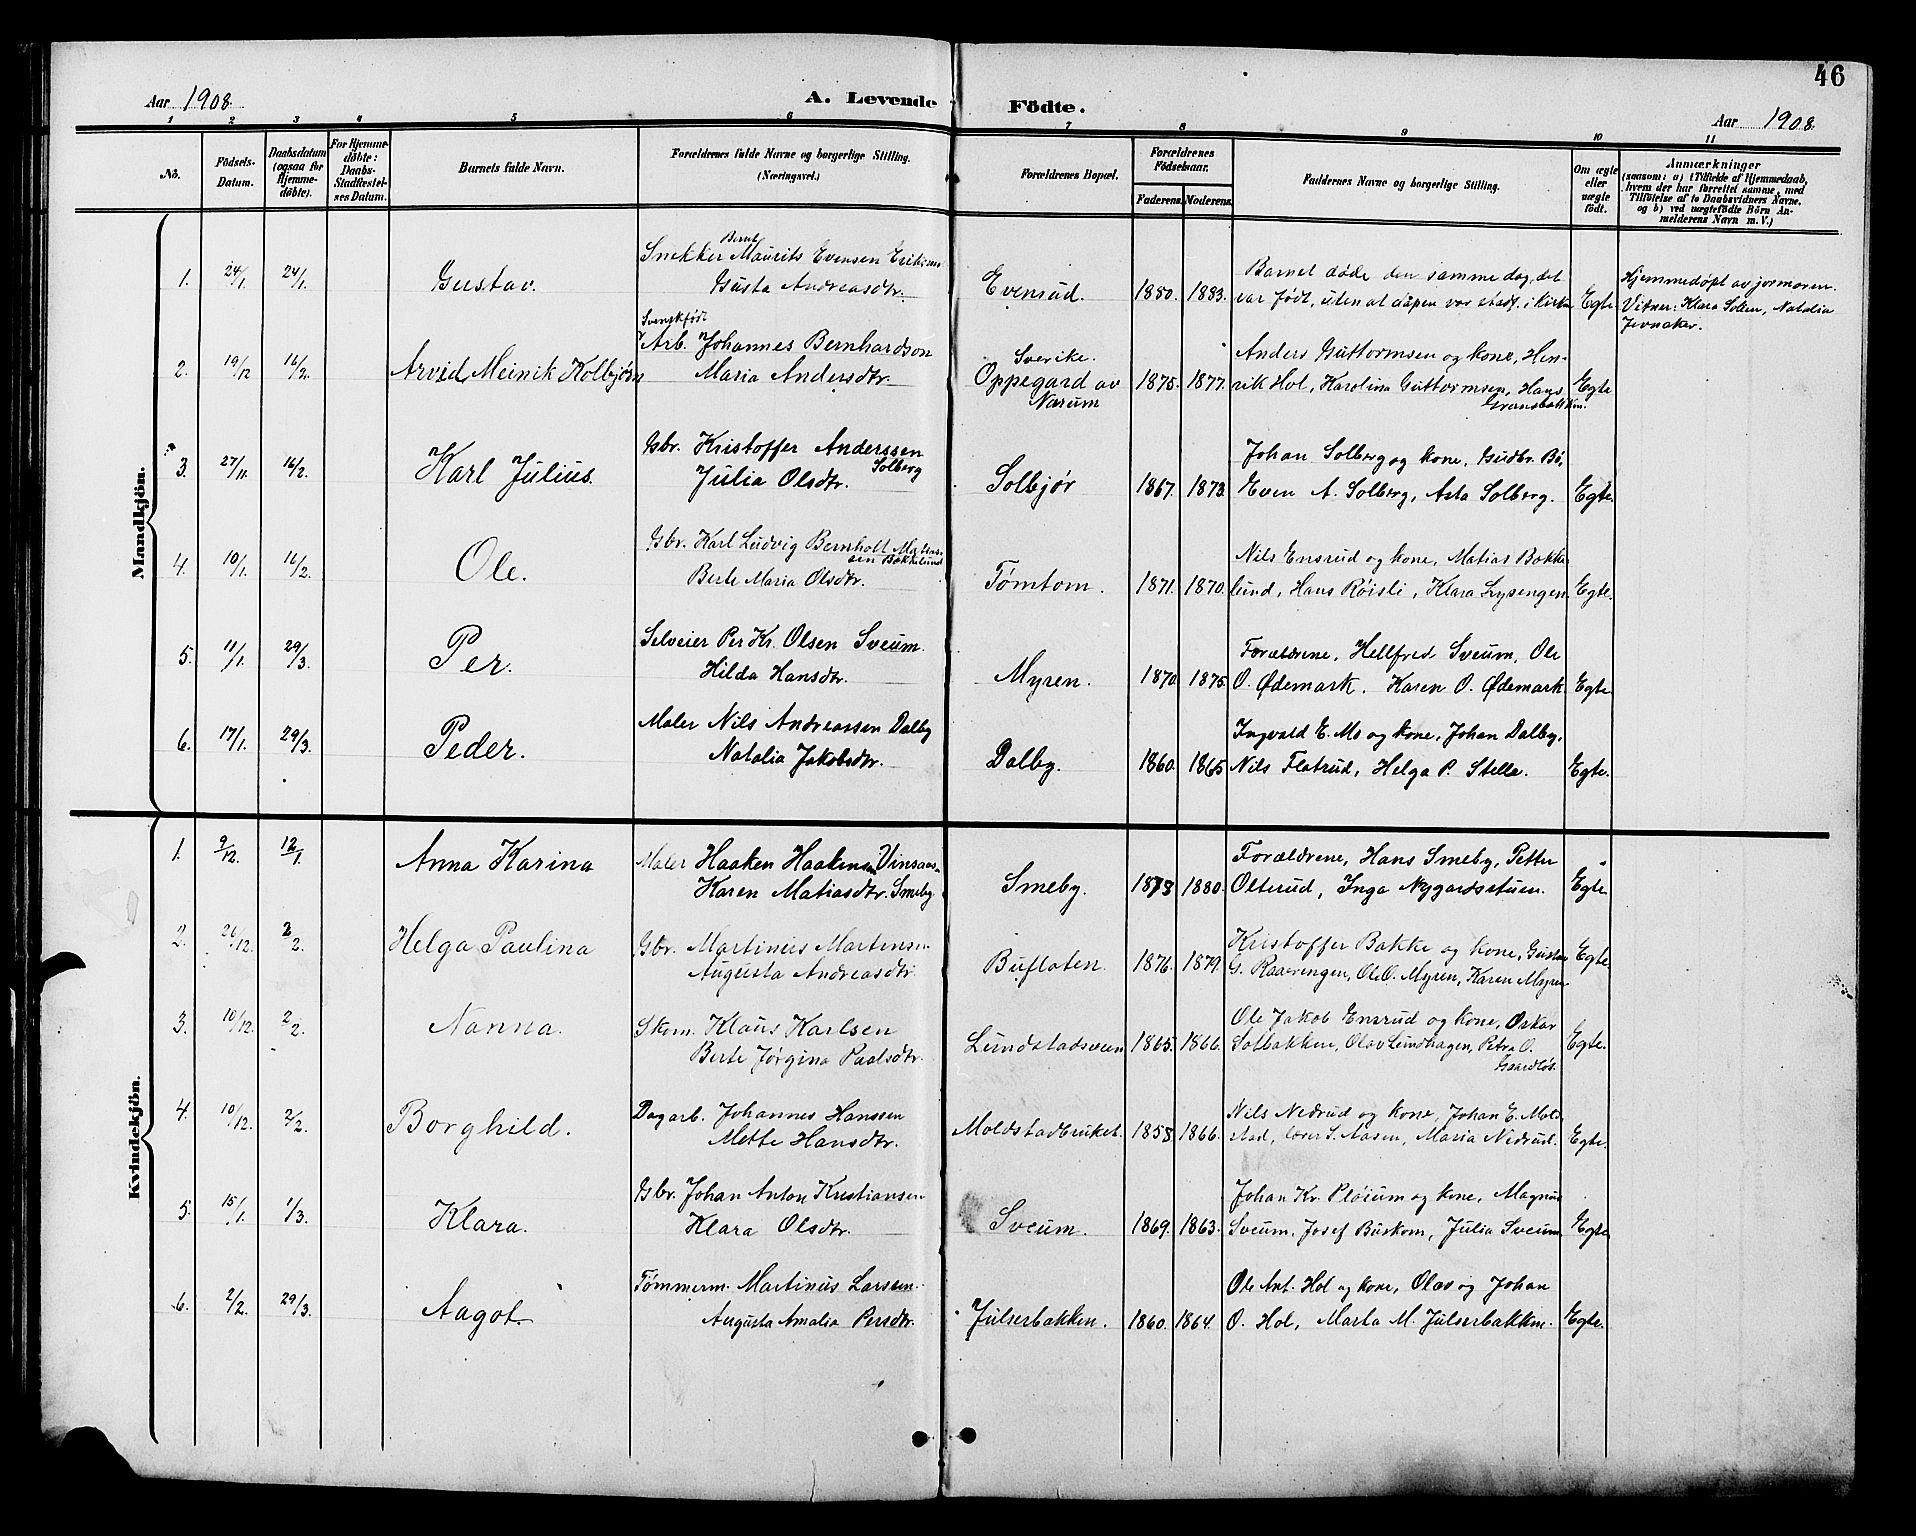 SAH, Vestre Toten prestekontor, H/Ha/Hab/L0011: Klokkerbok nr. 11, 1901-1911, s. 46